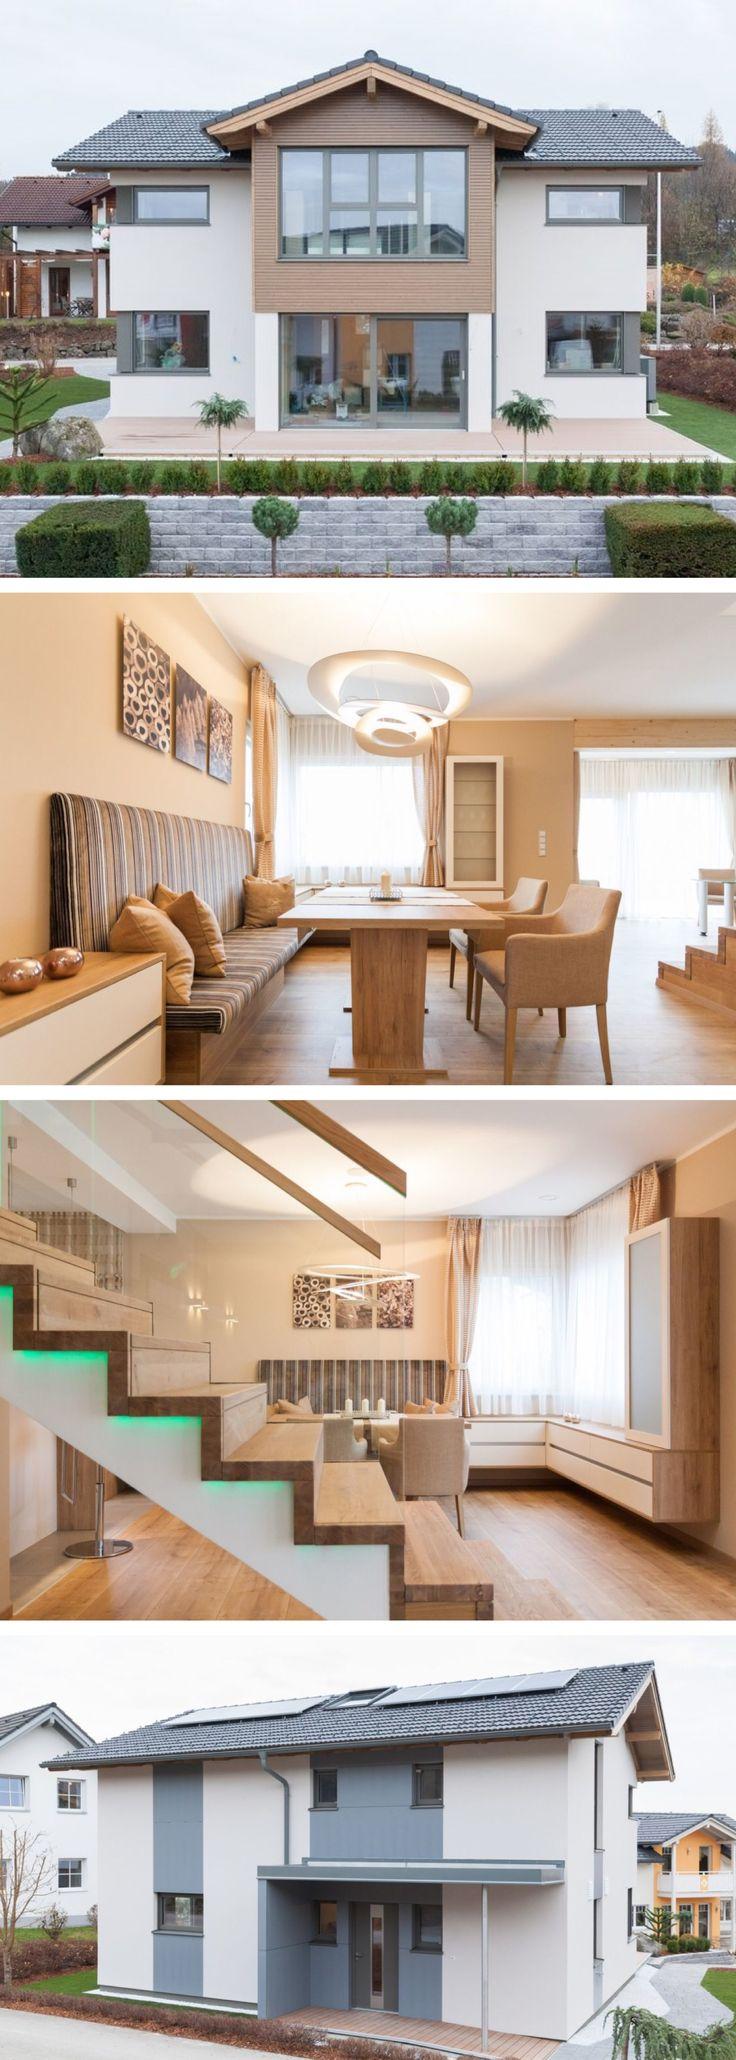 Fertighaus im modernen Alpenstil - Haus Eugendorf Classic 157 S HARTL HAUS - Einfamilienhaus mit Satteldach Grundriss modern offener Wohnbereich mit Küche - HausbauDirekt.de